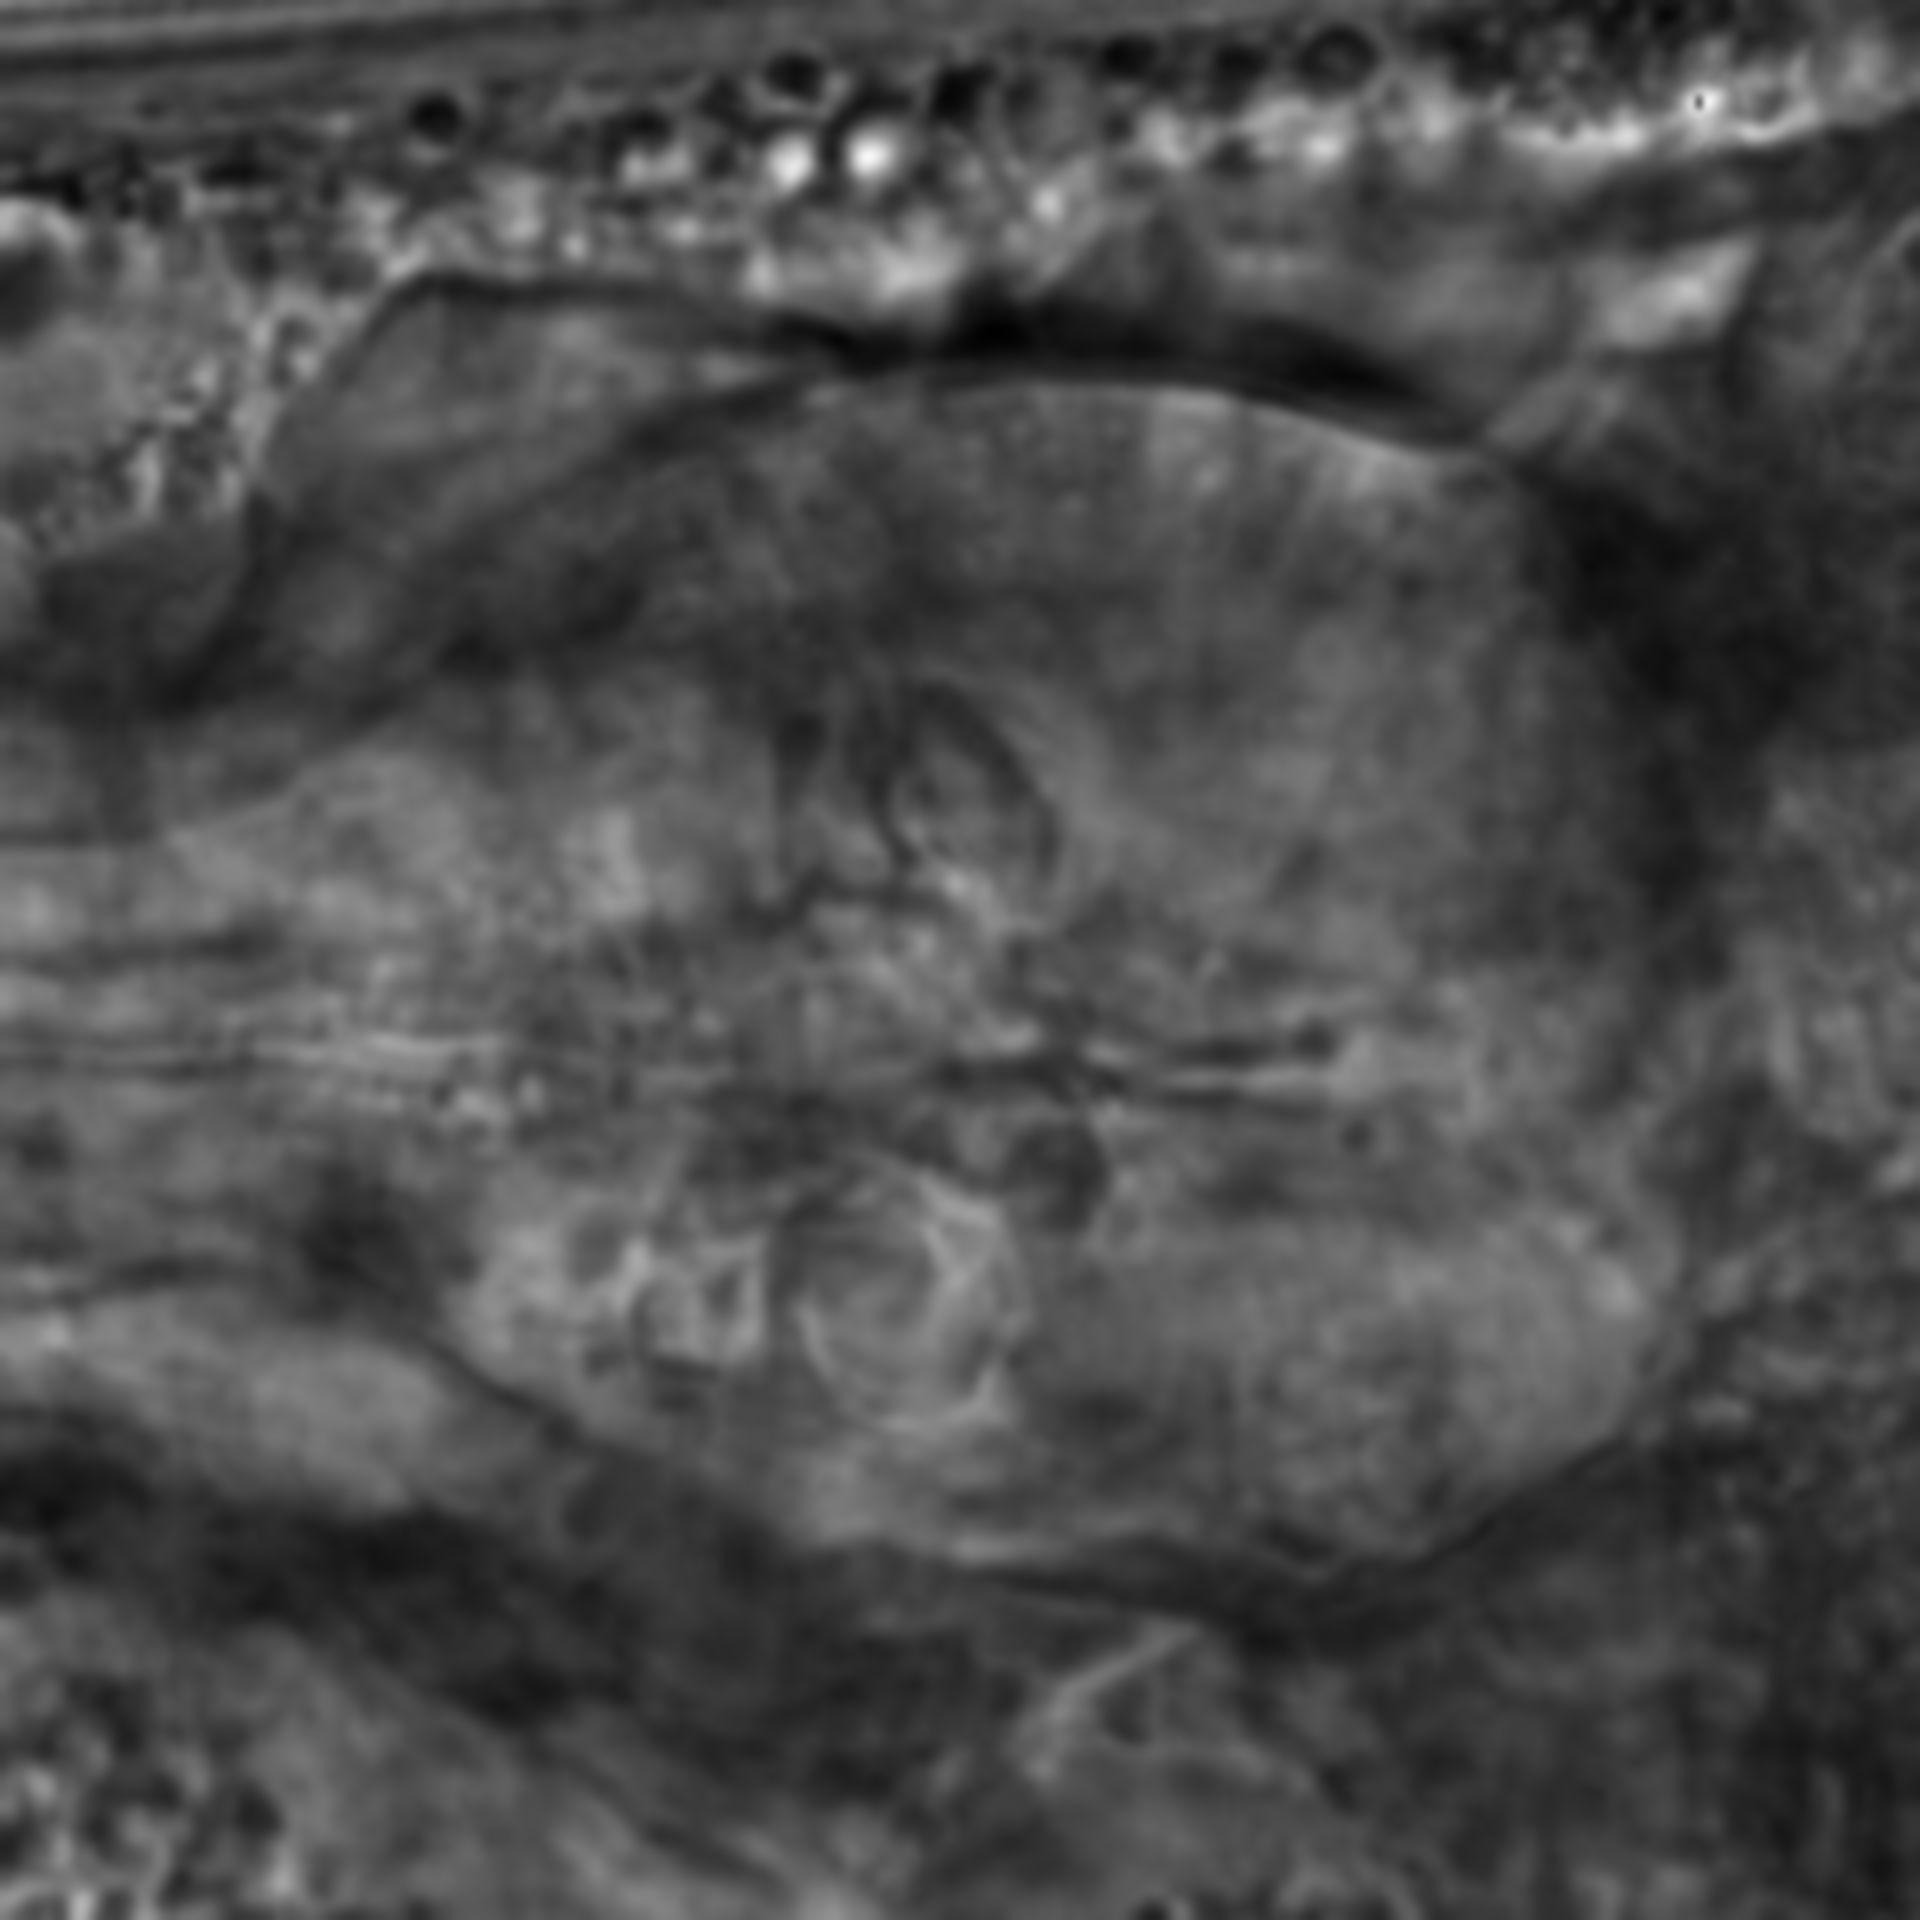 Caenorhabditis elegans - CIL:1946